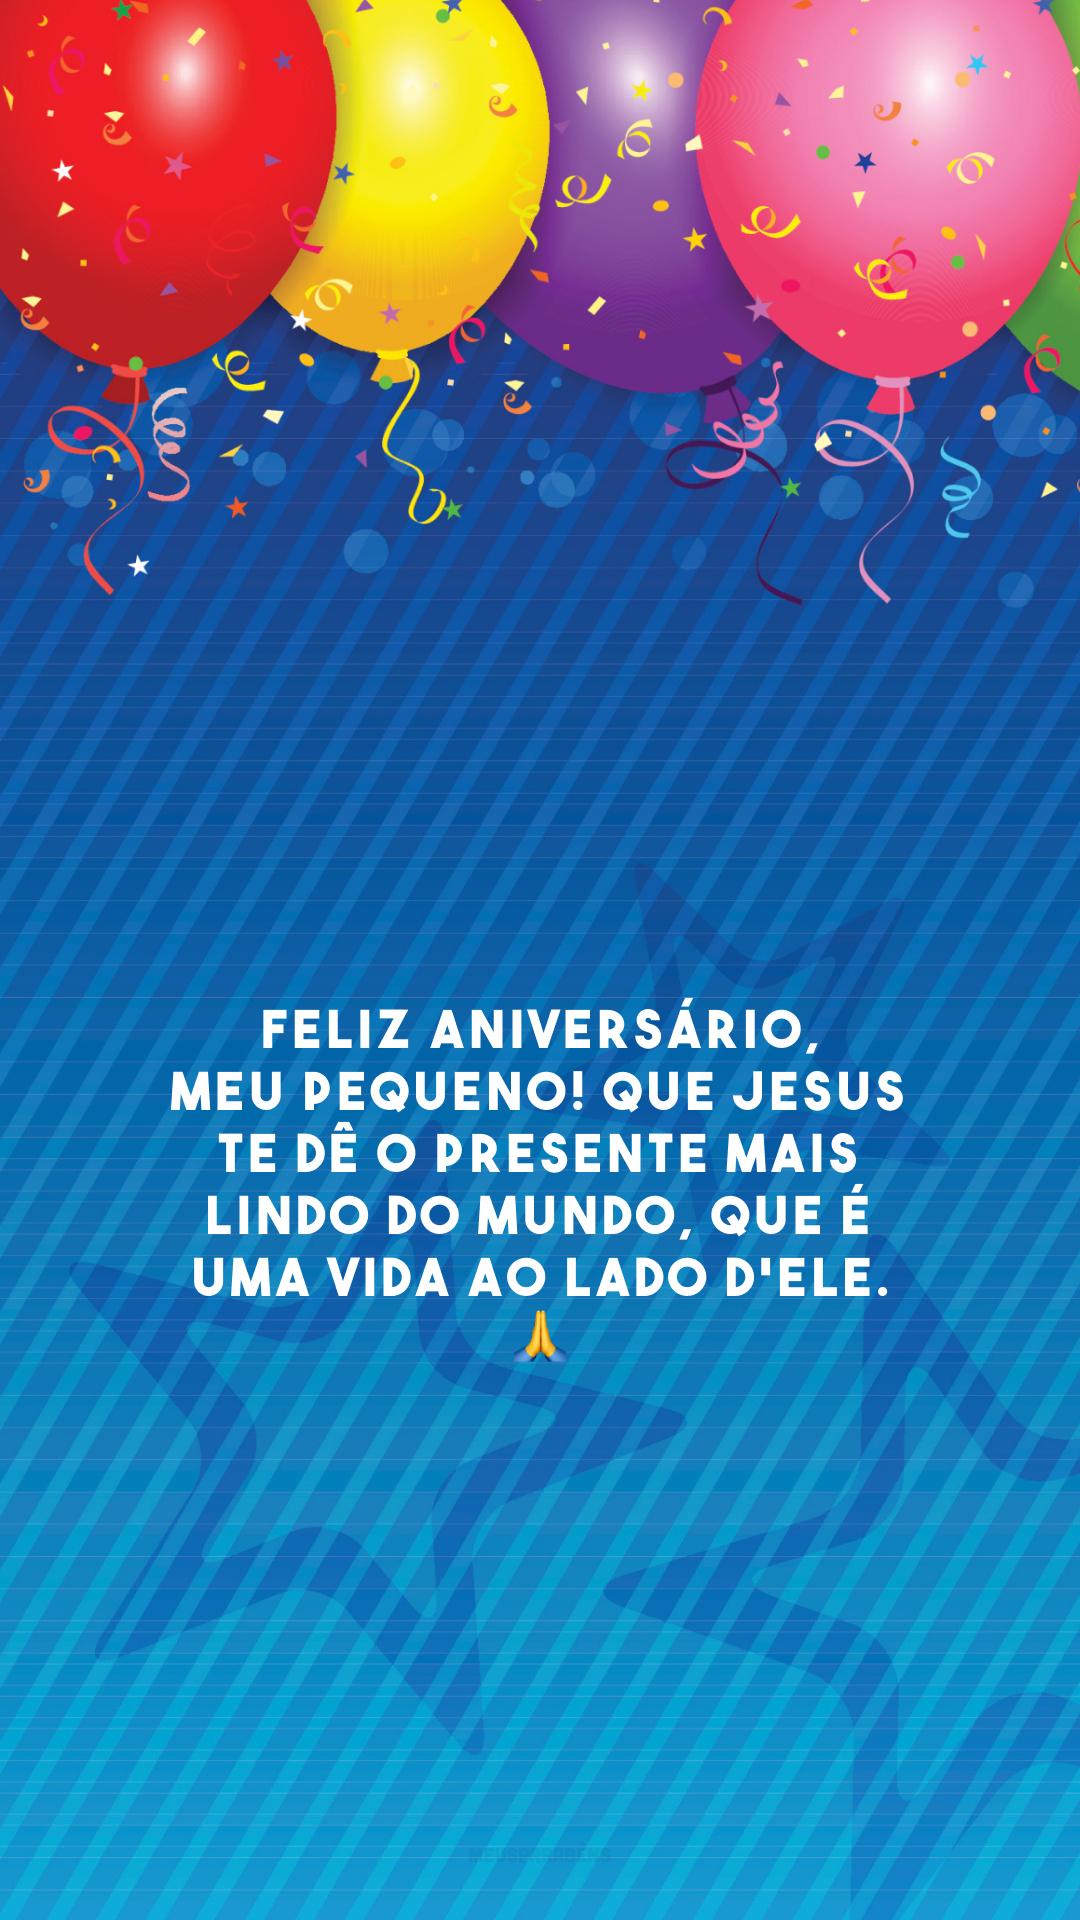 Feliz aniversário, meu pequeno! Que Jesus te dê o presente mais lindo do mundo, que é uma vida ao lado d'Ele. 🙏